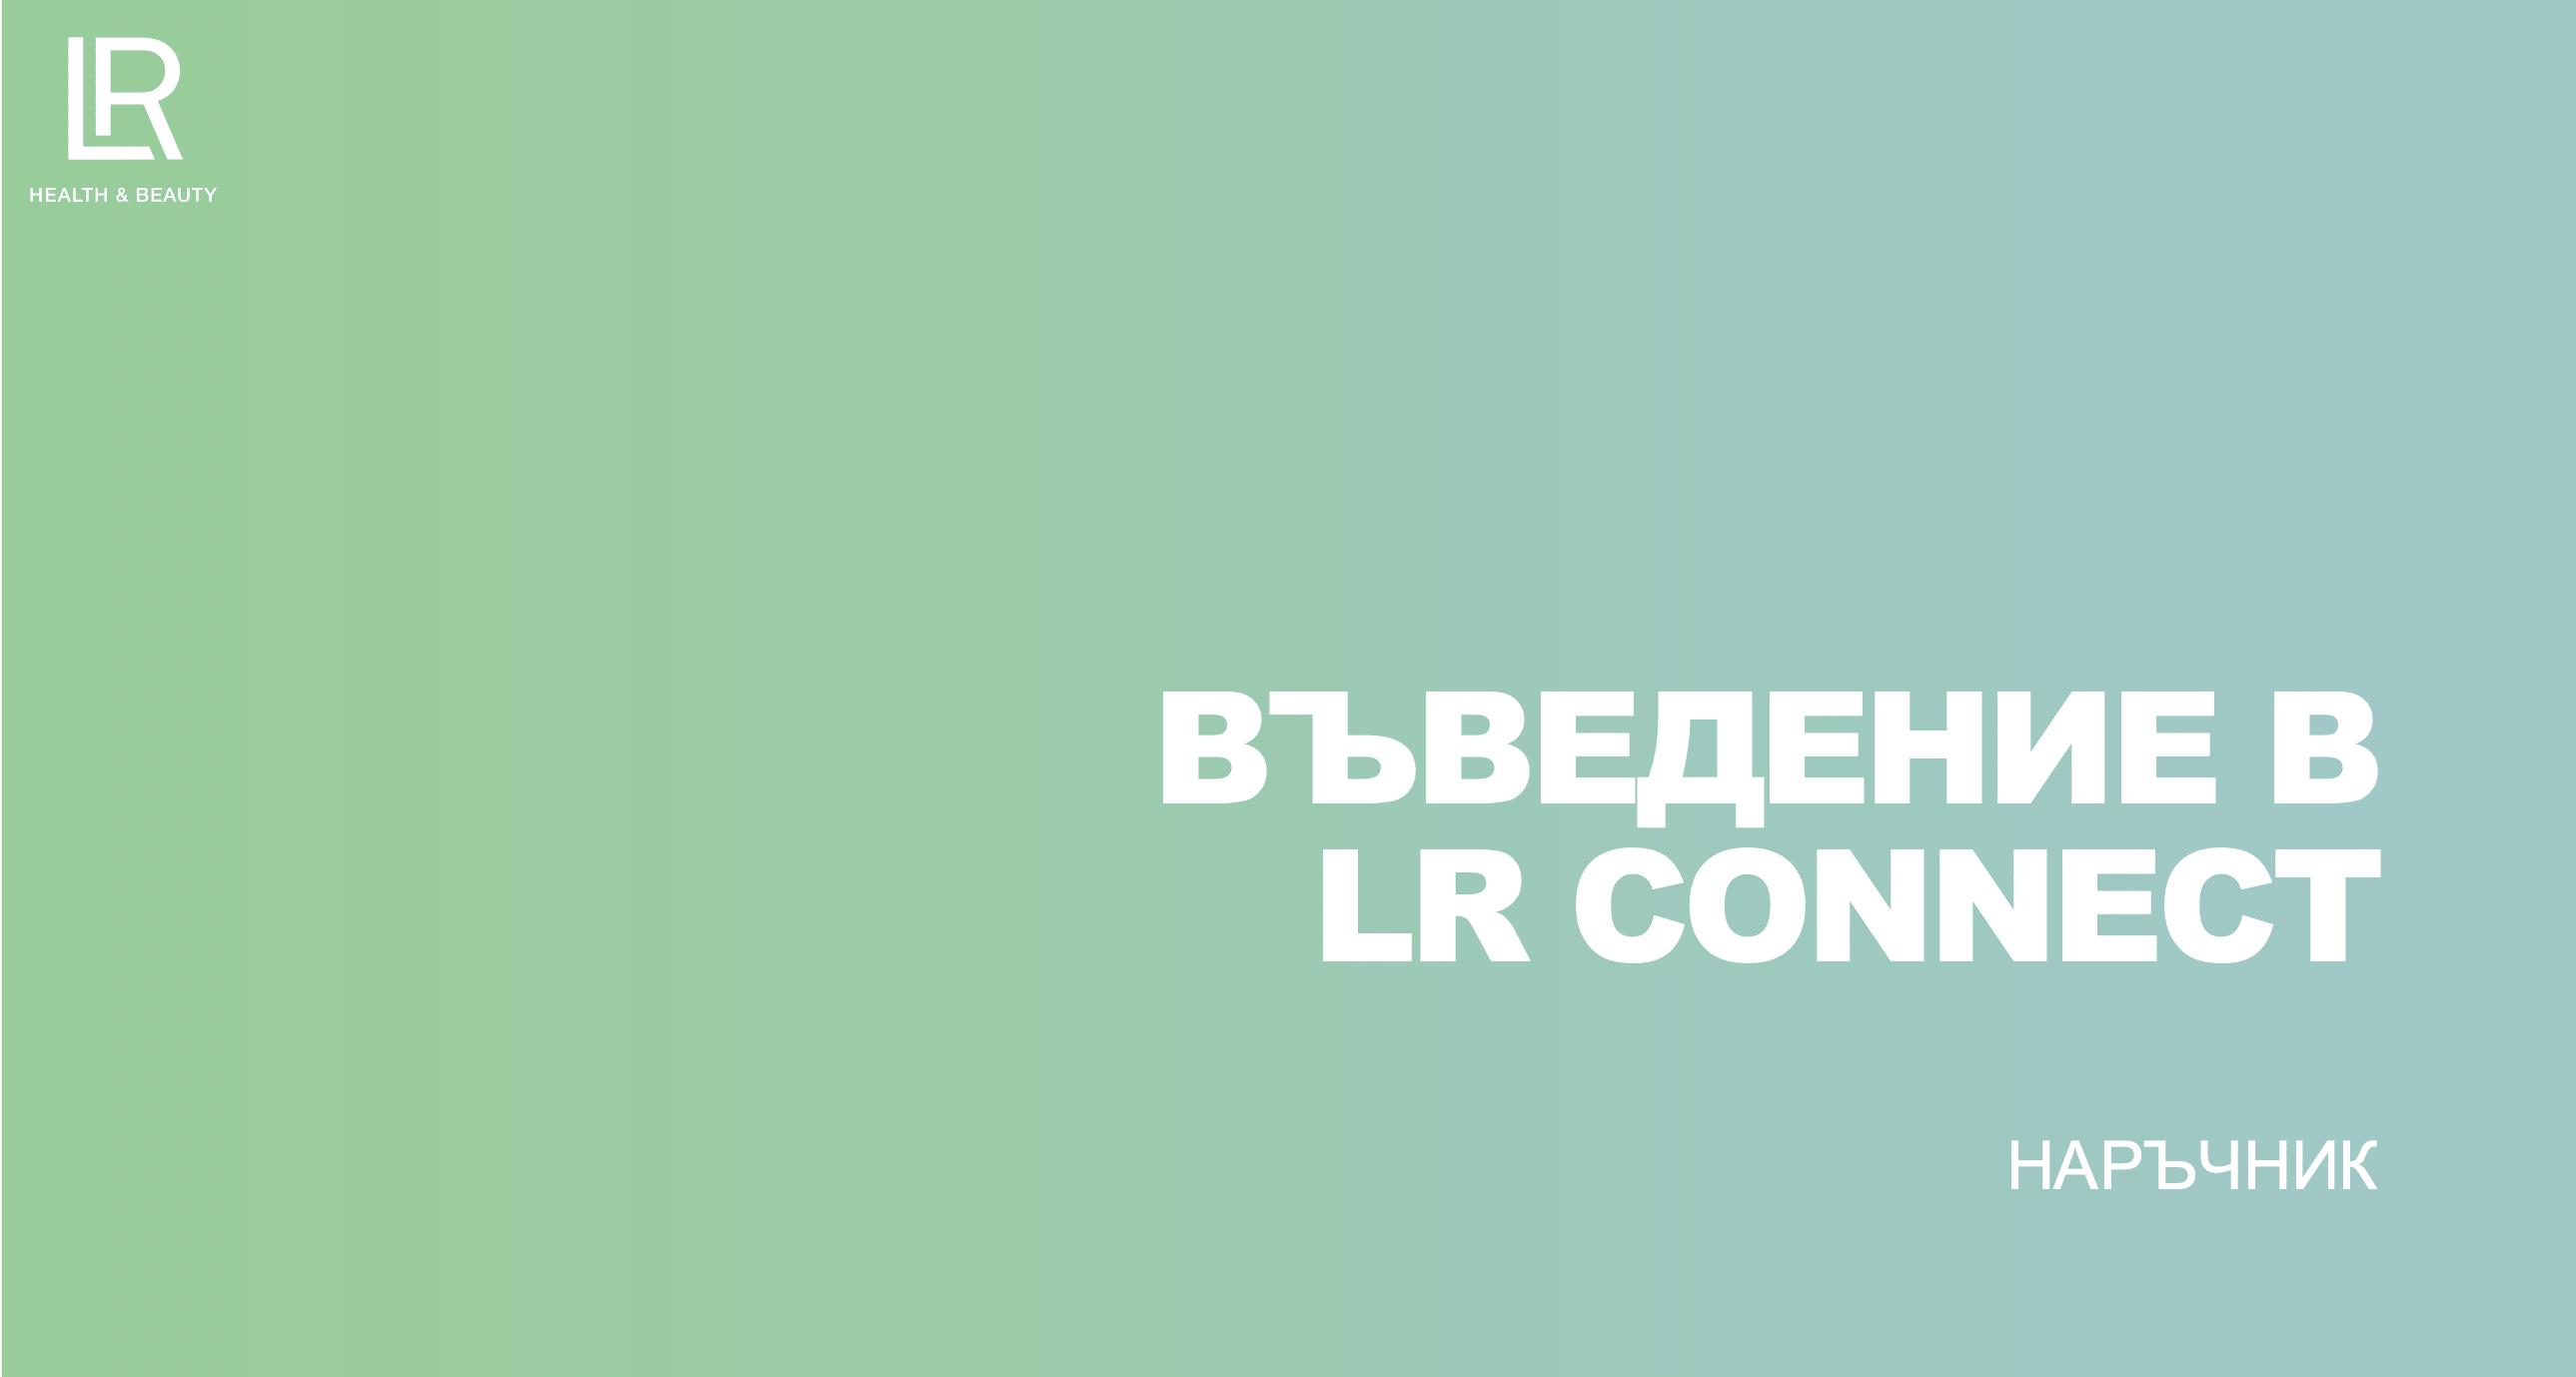 въведение в ЛР конект